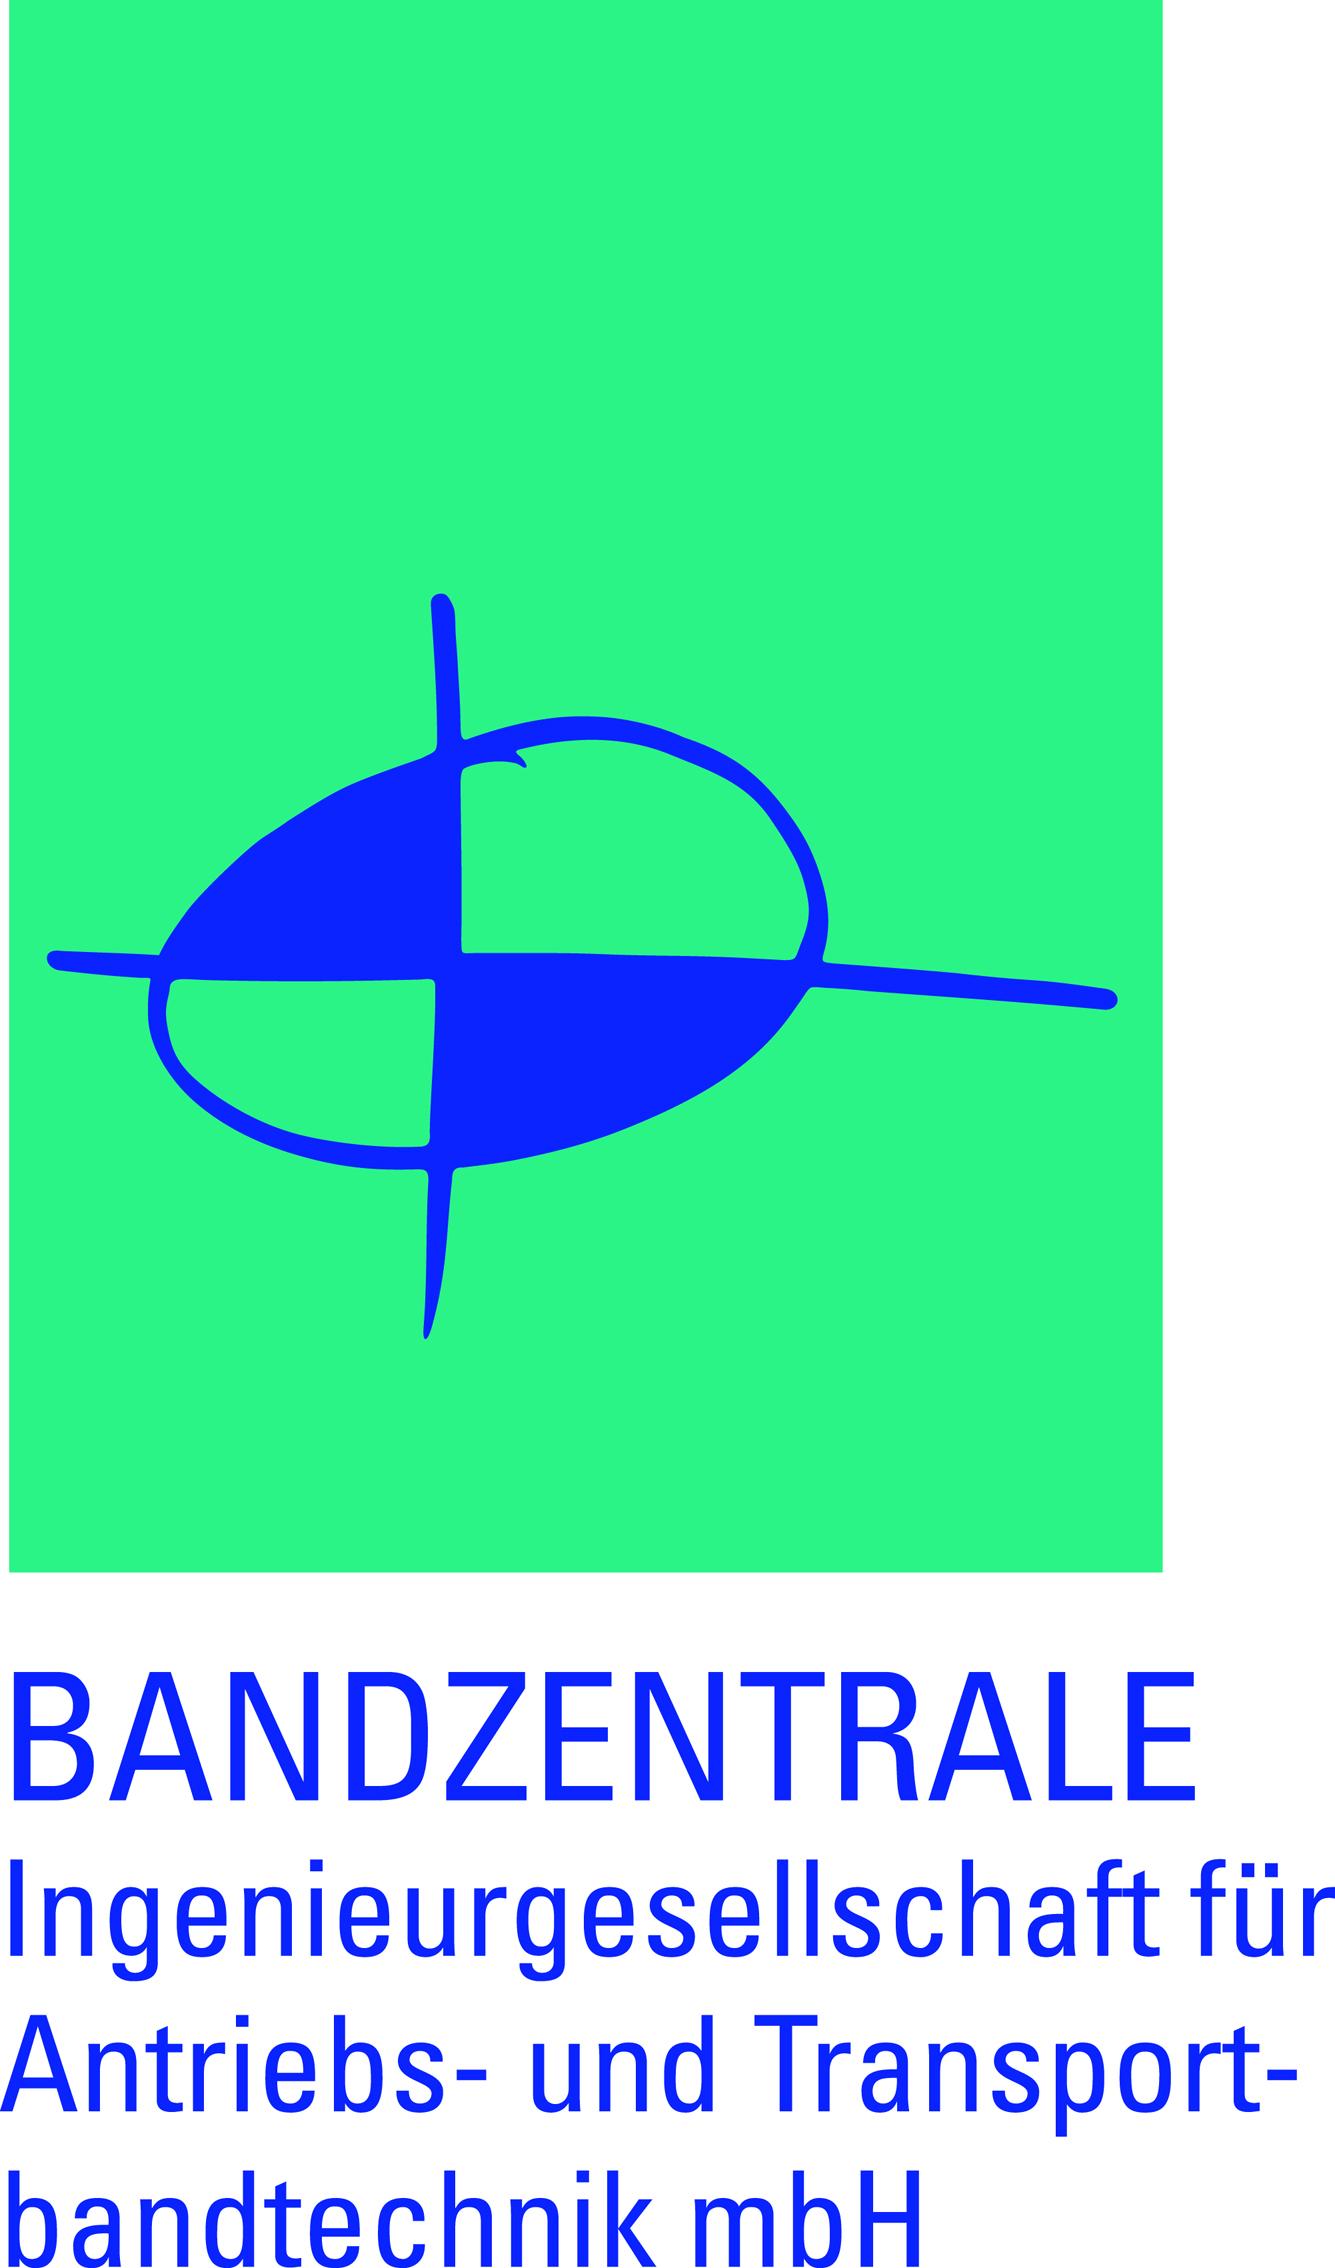 Bandzentrale Ingenieurgesellschaft für Antriebs- und Transportbandtechnik mbH Berlin